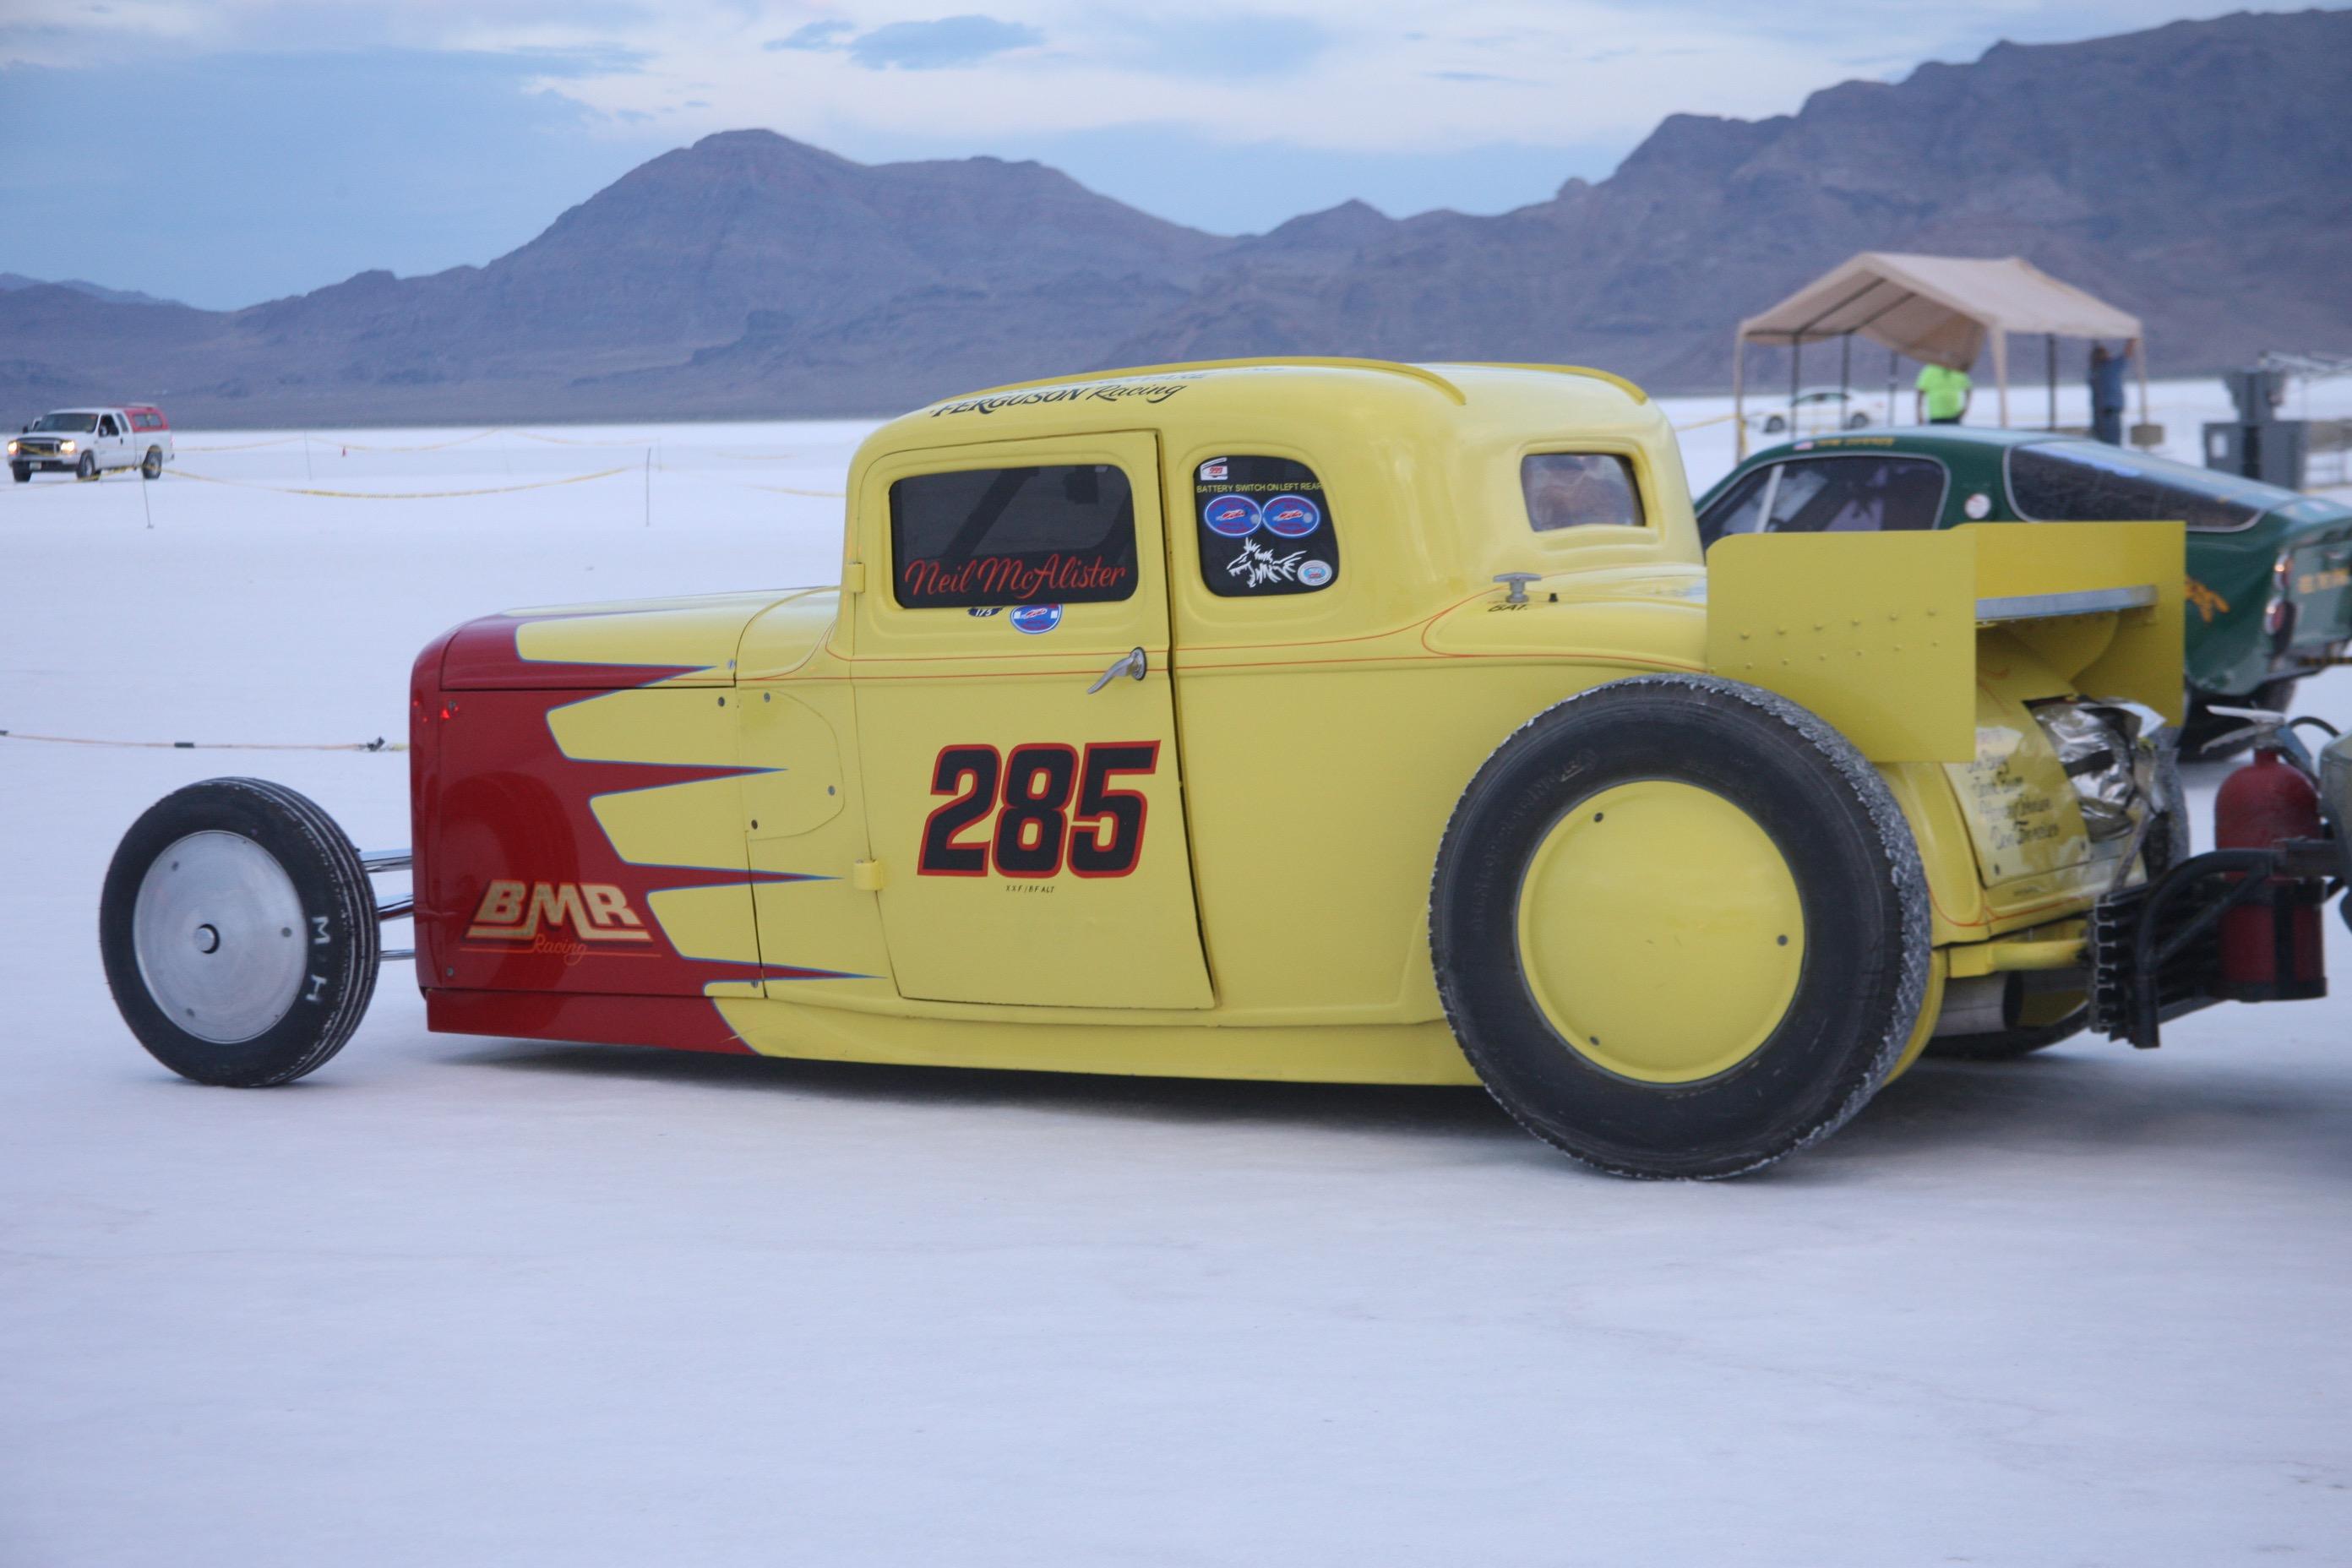 Bonneville-Speed-Week-2016-Race-Cars-_0009